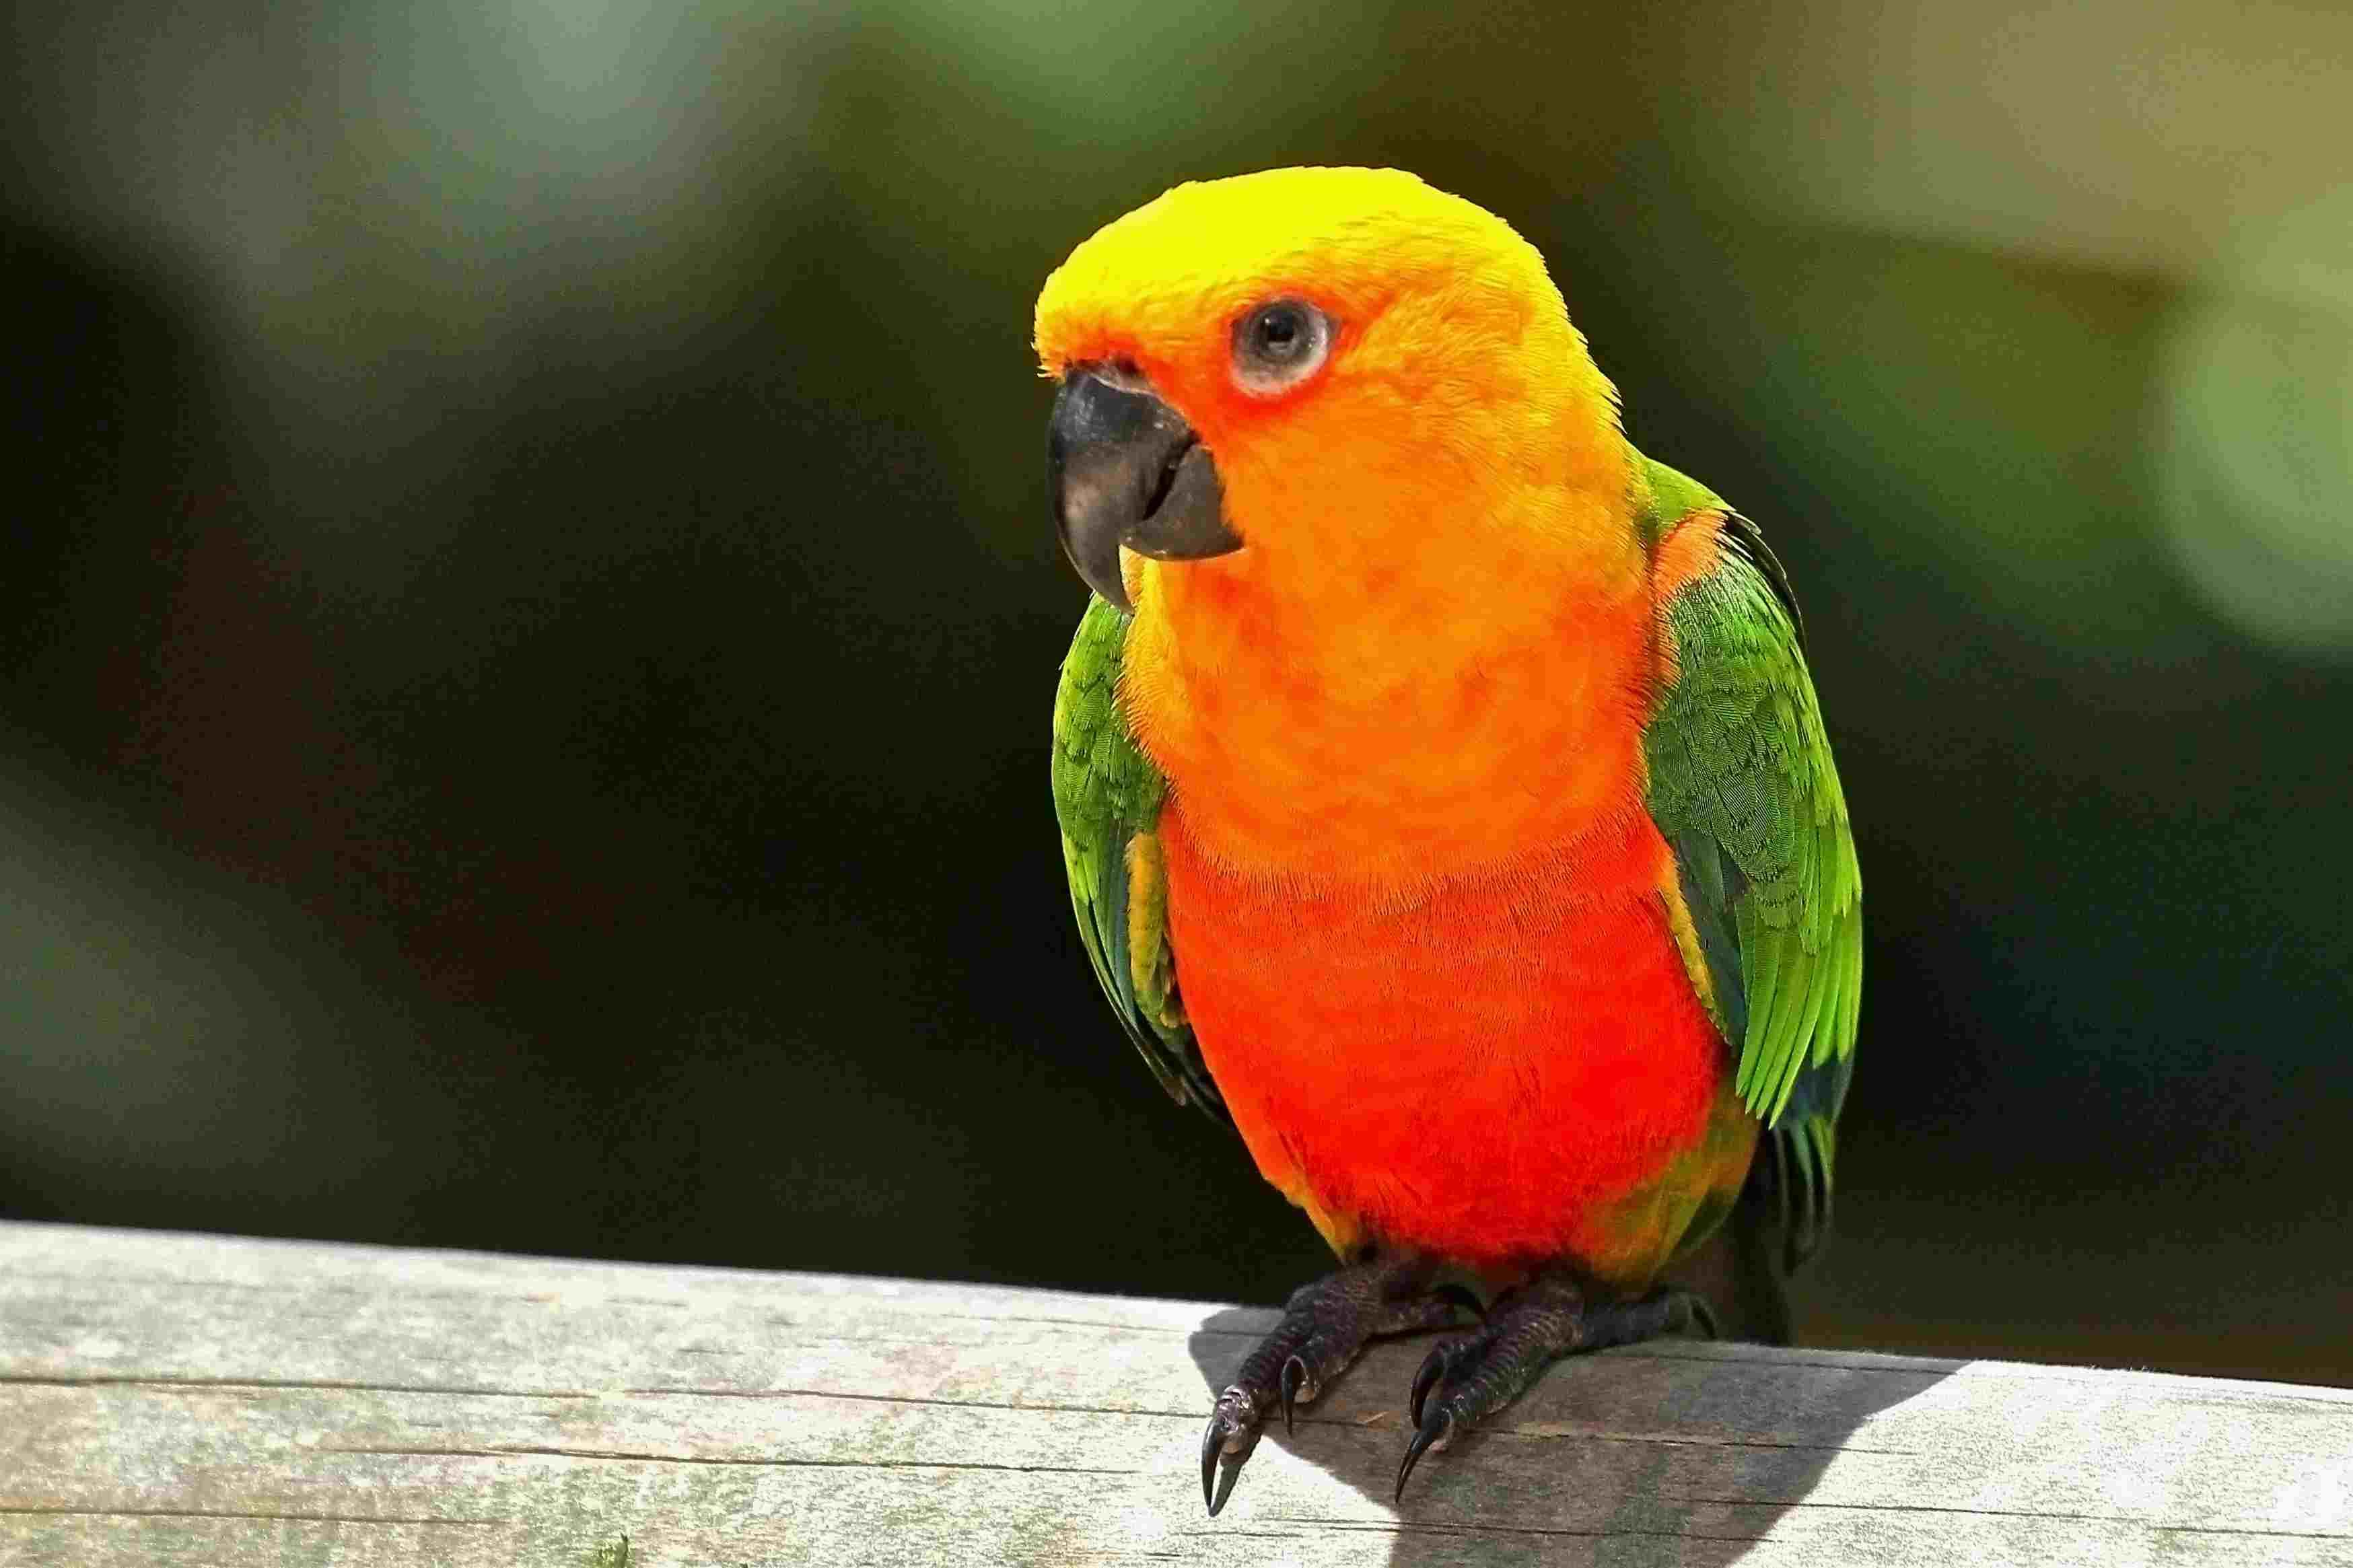 sun-parakeet-in-kuranda-146703443-5b4d5cee46e0fb005bfed7b1